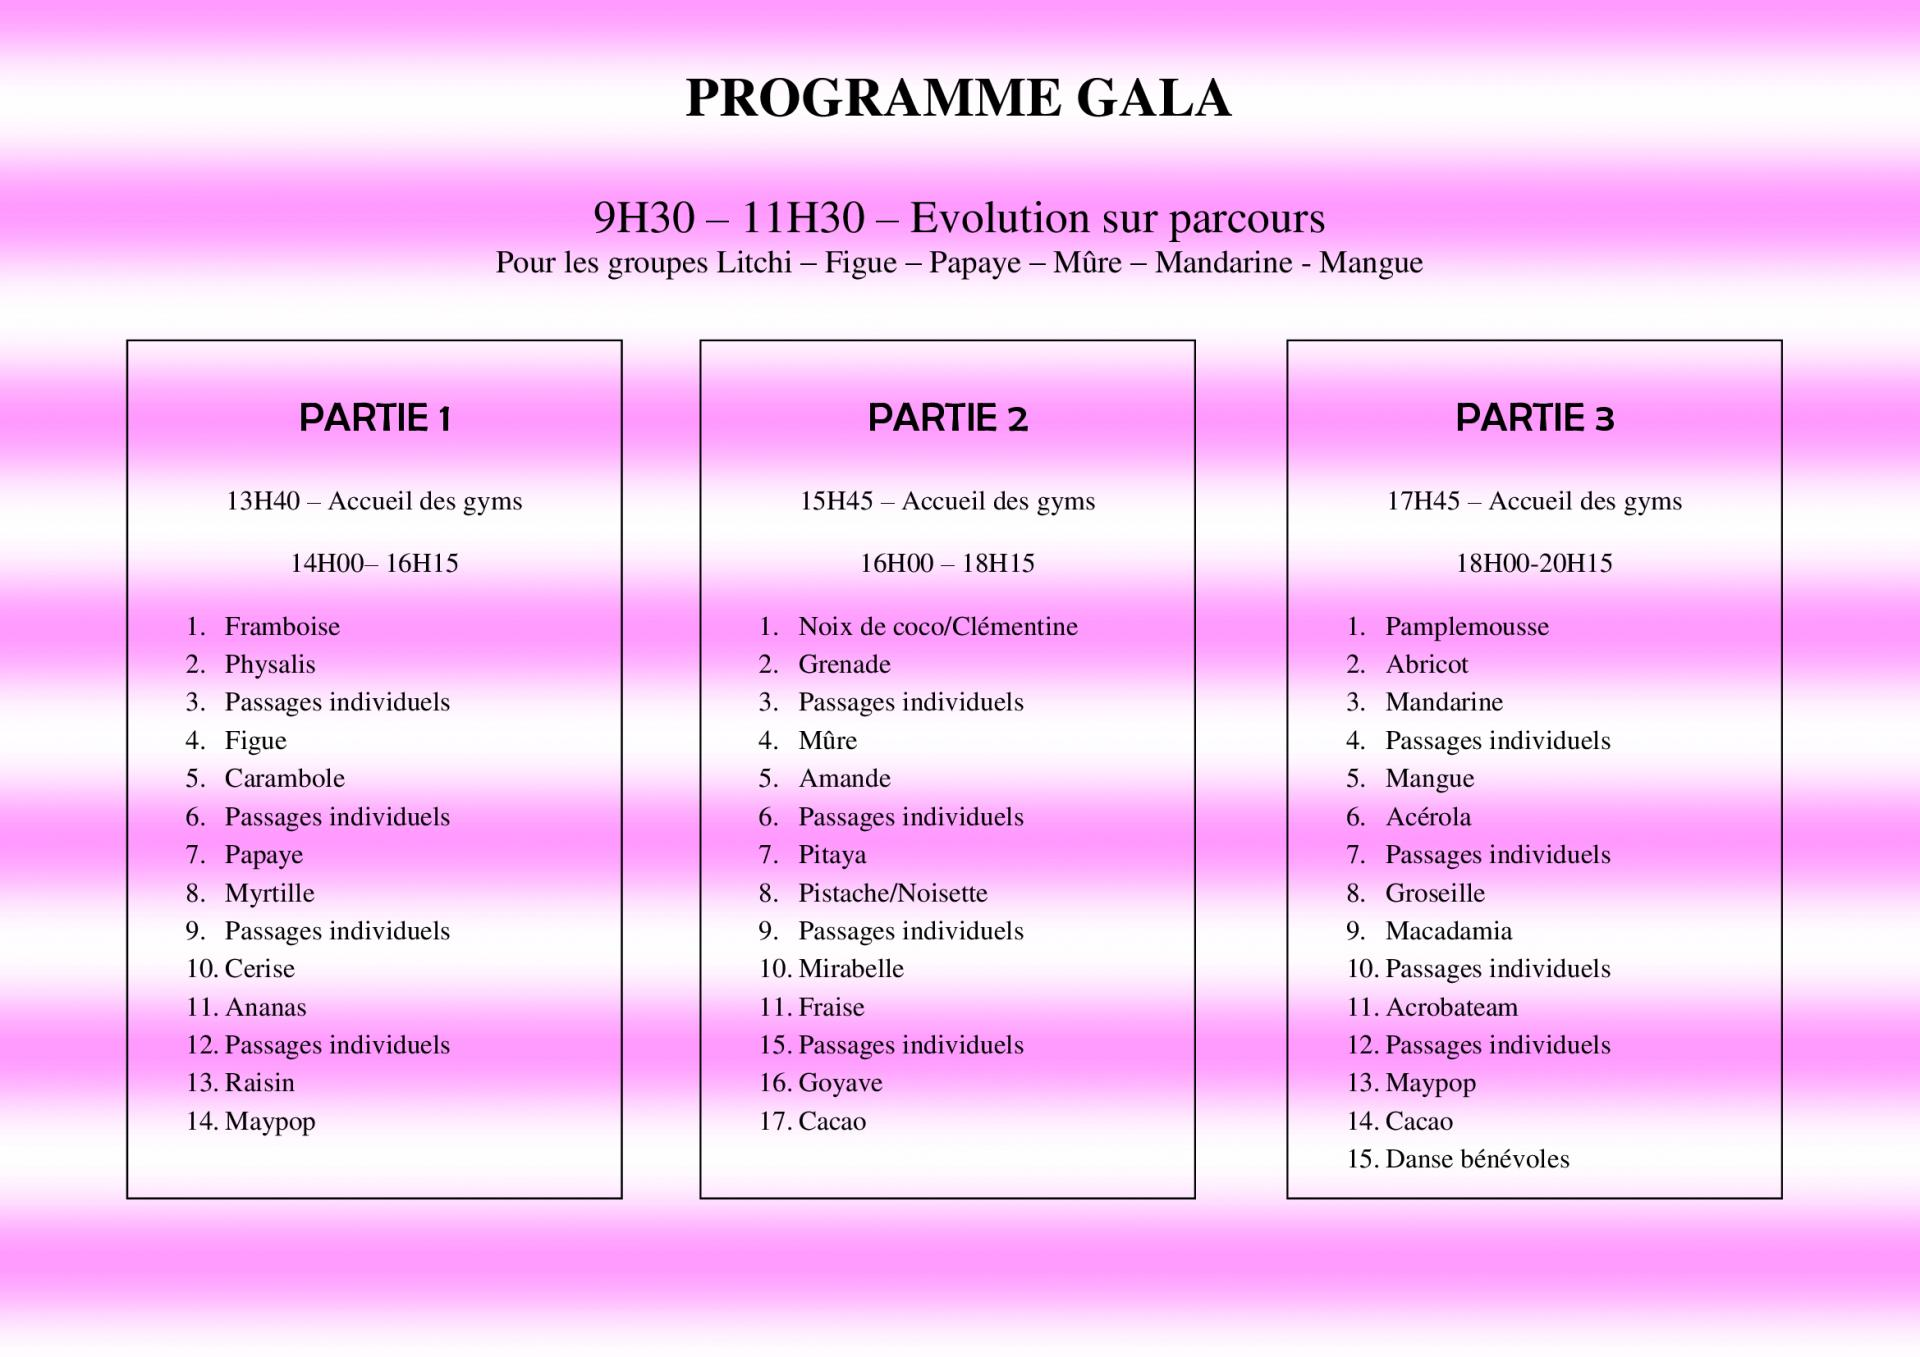 Programme gala